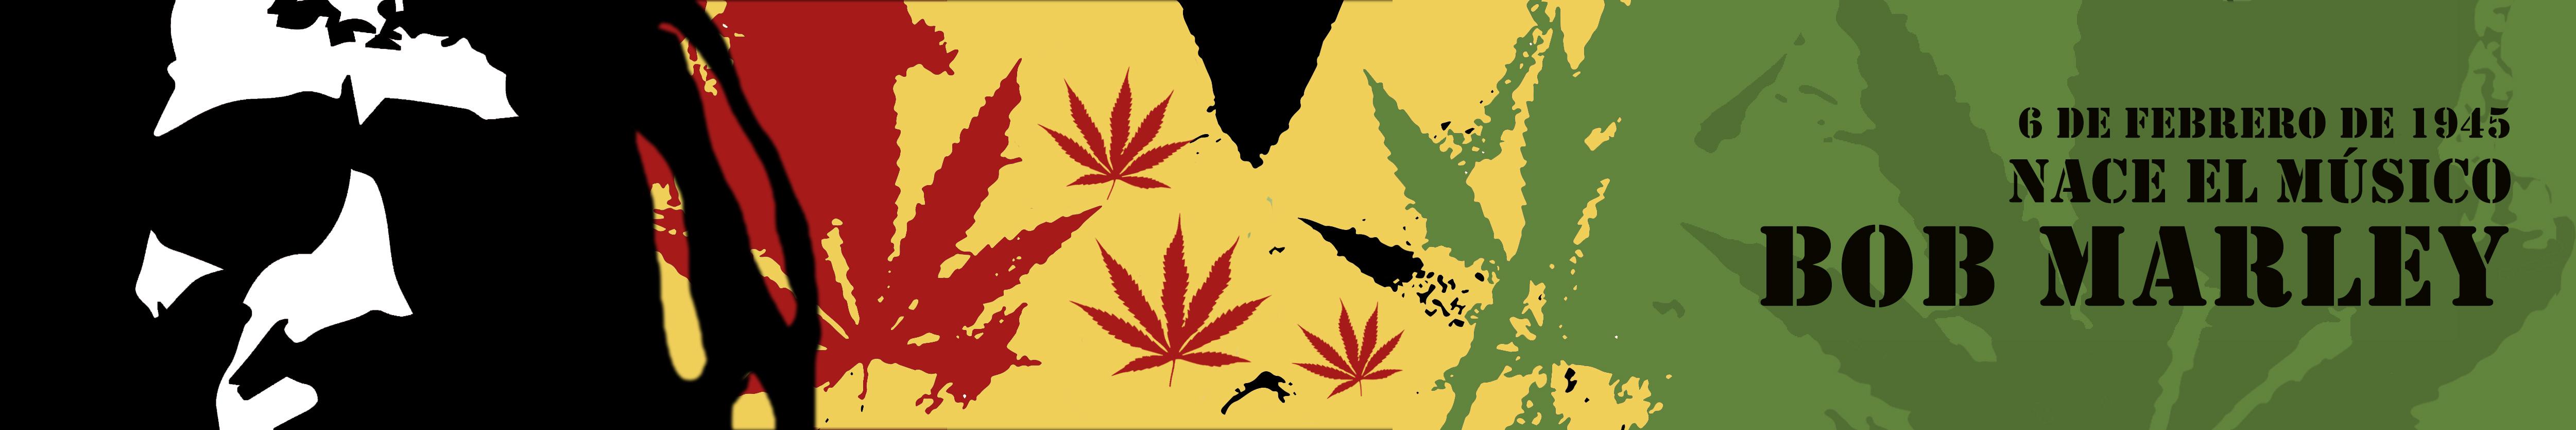 Ilustración con retratos de Bob Marley con colores de la bandera de Jamaica